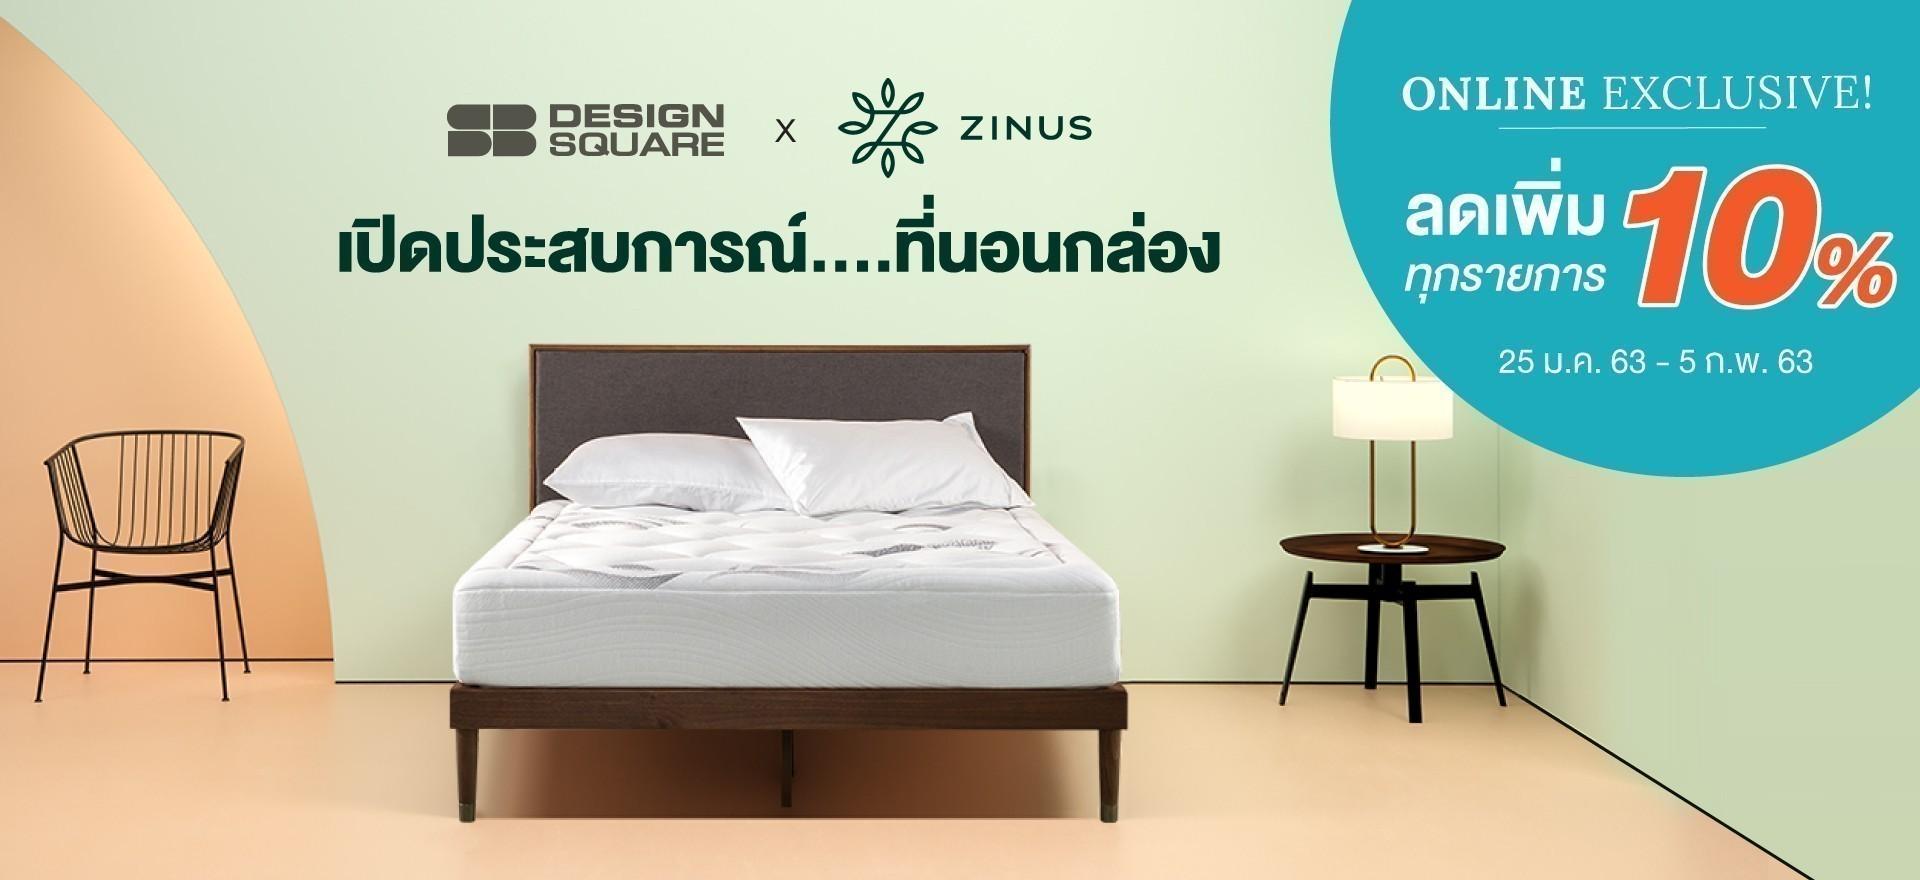 ที่นอน และท็อปเปอร์ แบรนด์ Zinus ลดเพิ่ม 10% ทุกรายการ